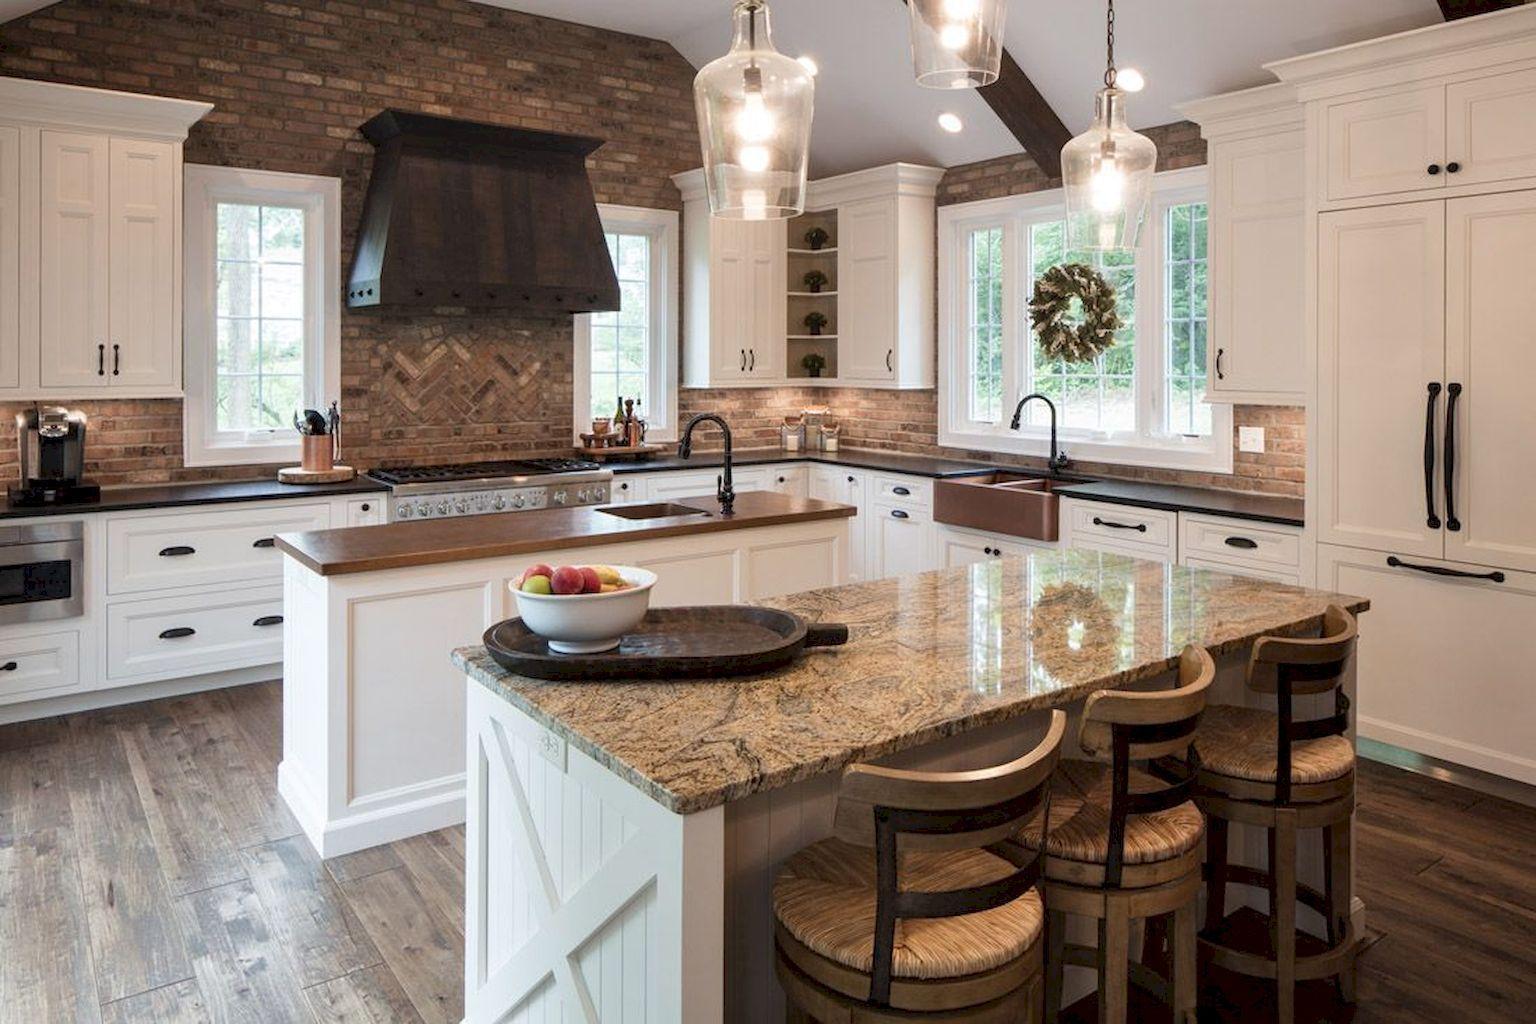 Best Off White kitchen Cabinets Design Ideas (45) | Off ...